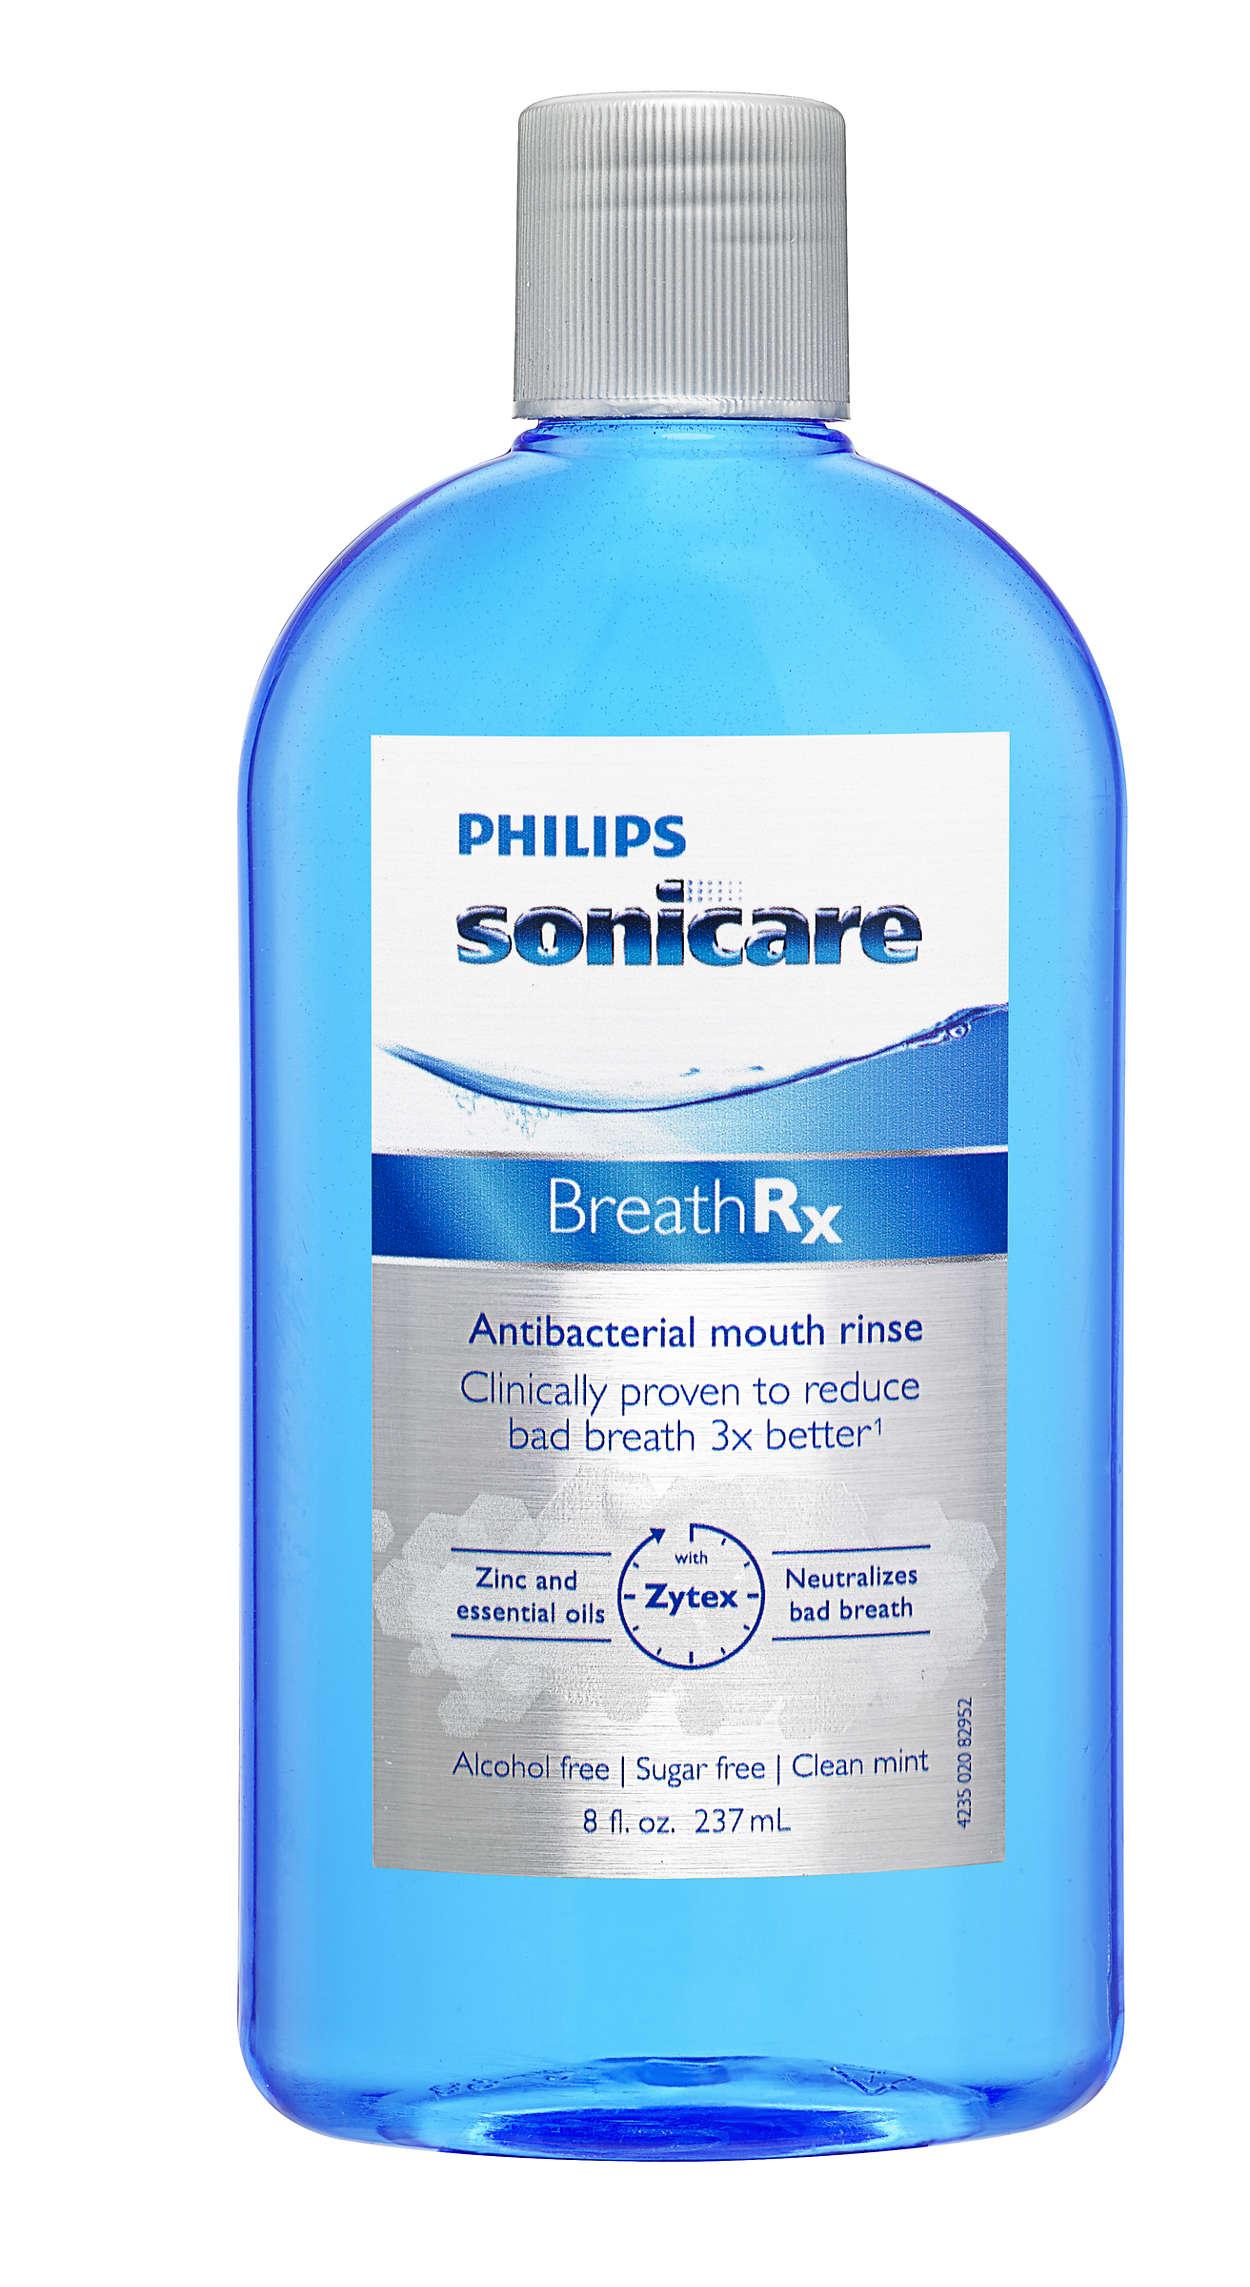 Bekämpft Mundgeruch nachweislich bis zu 3Mal besser*